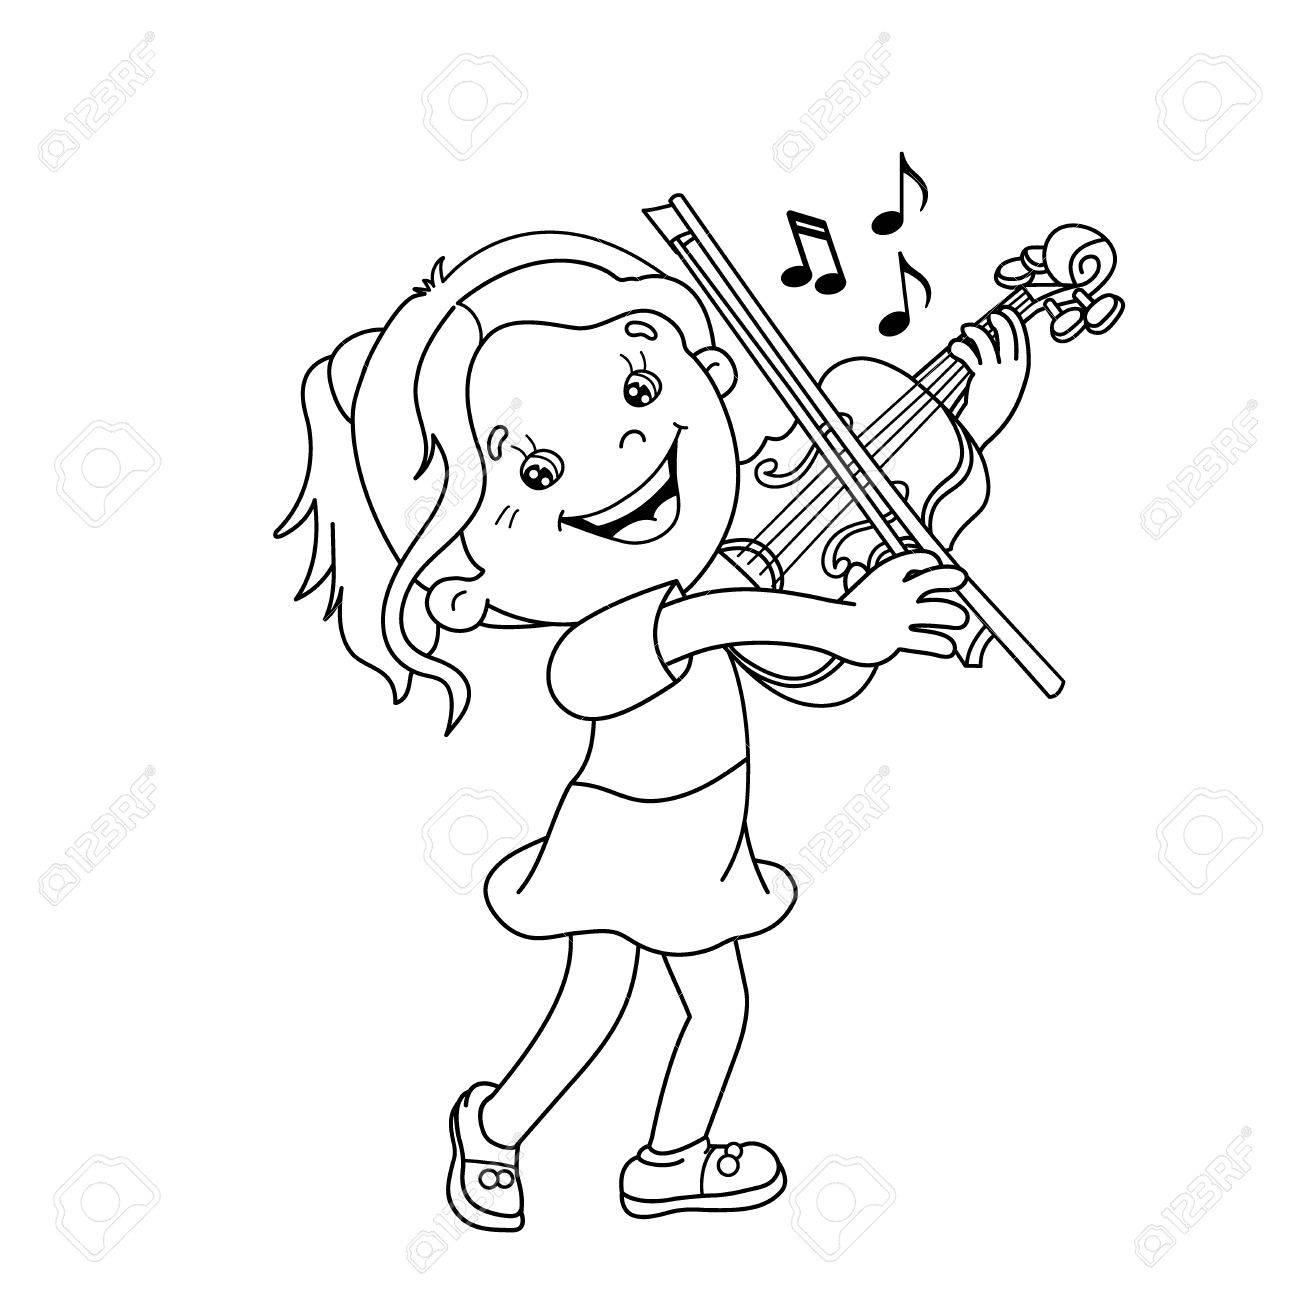 Página Para Colorear Esquema De Dibujos Animados Chica Tocando El